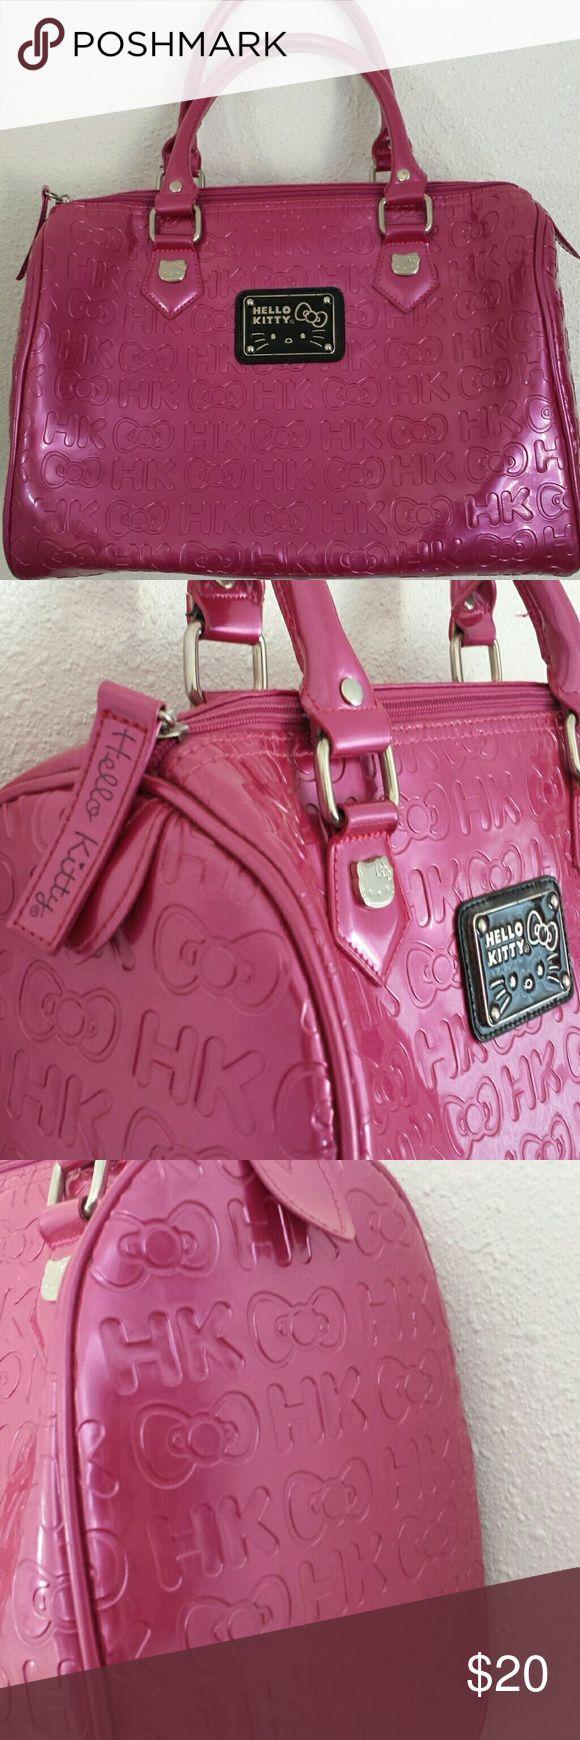 Sanrio hello kitty bag. Like new sanrio Bags